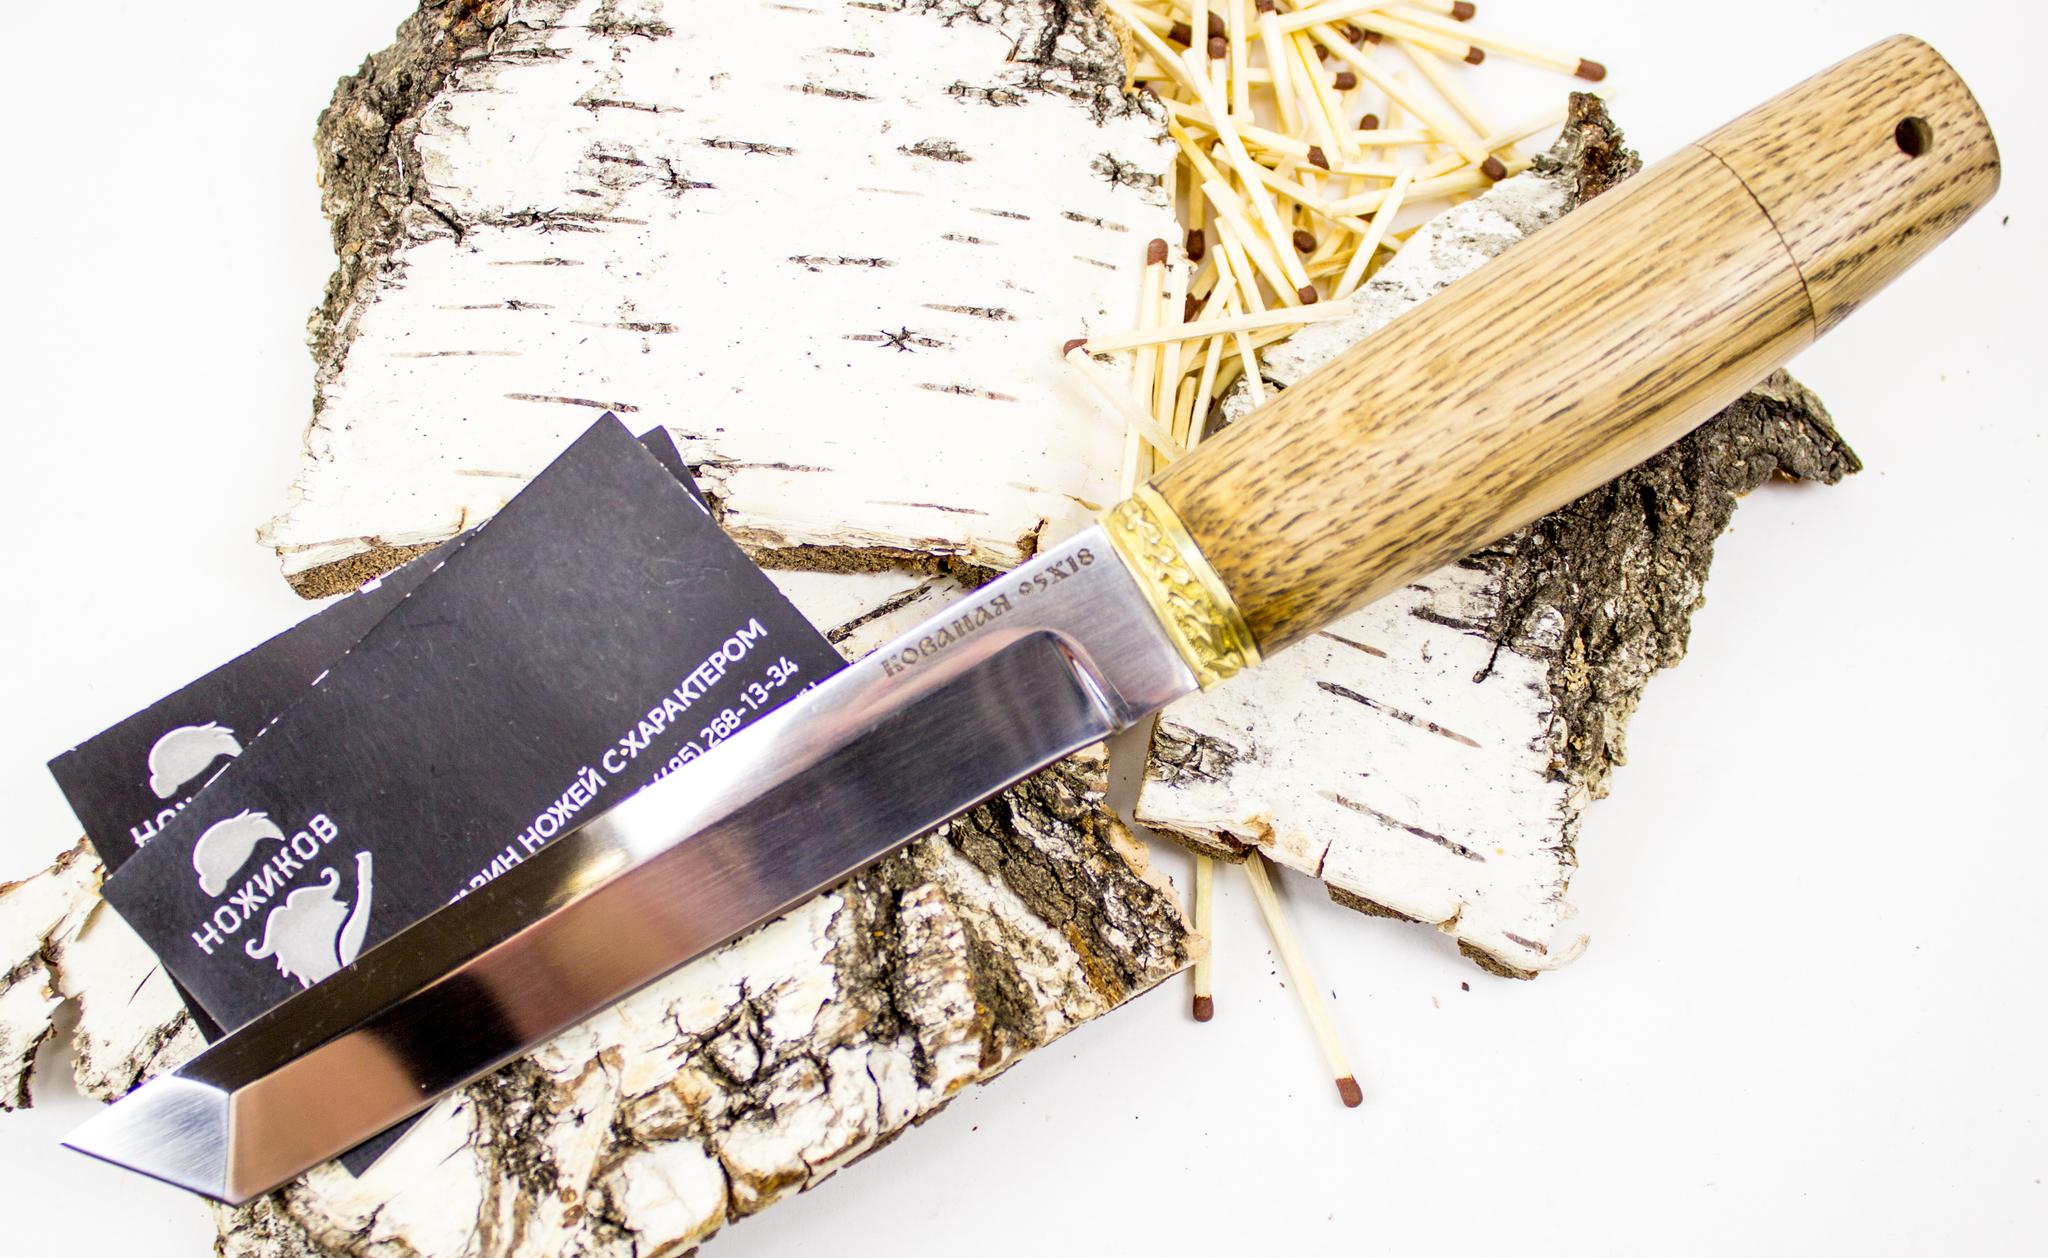 Нож Кобун, сталь 95х18, латуньНожи Ворсма<br>Универсальный нож для рыболовов и туристов. Данная модель очень похожа на Американские ножи «Танто». Кончик клинка у Кобуна очень агрессивный, помогает наносить более сильные удары по сравнению с другими ножами. Клинок выполнен из стали 95x18. Нож обладает высокой износостойкостью.<br>